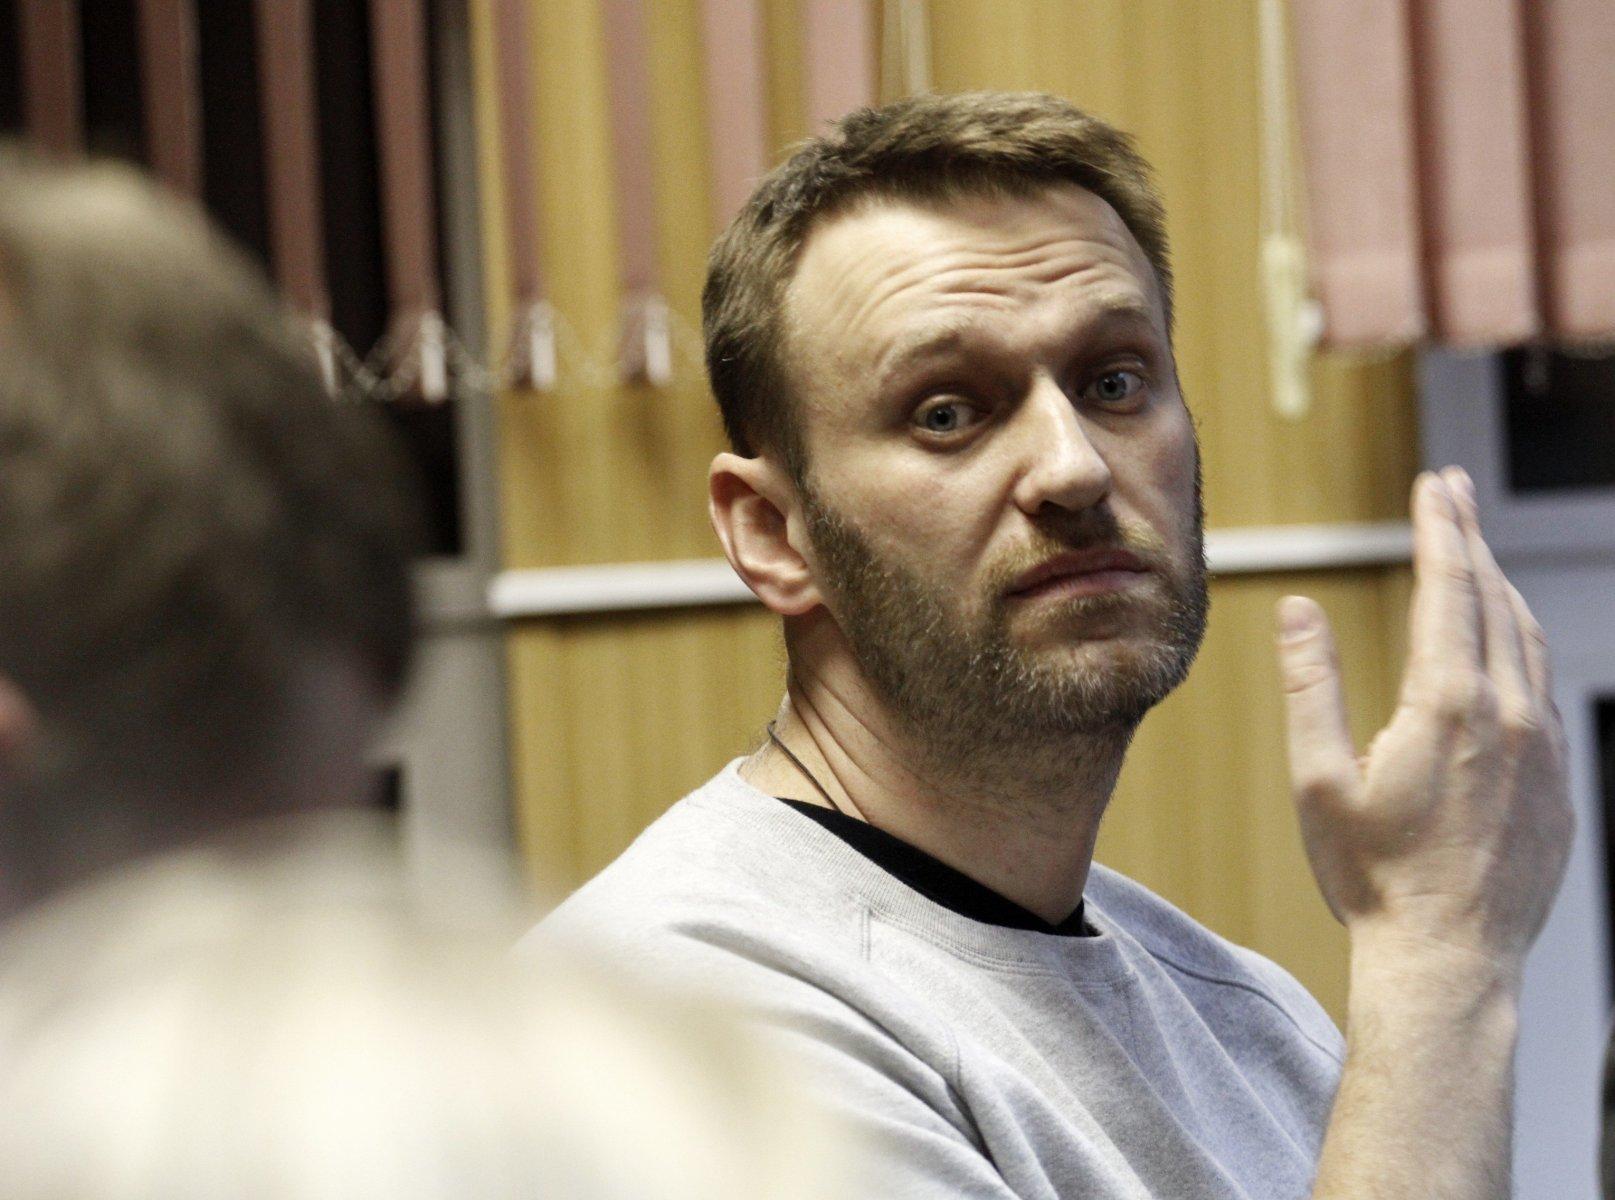 Адвокат рассказала о местонахождении Навального после задержания